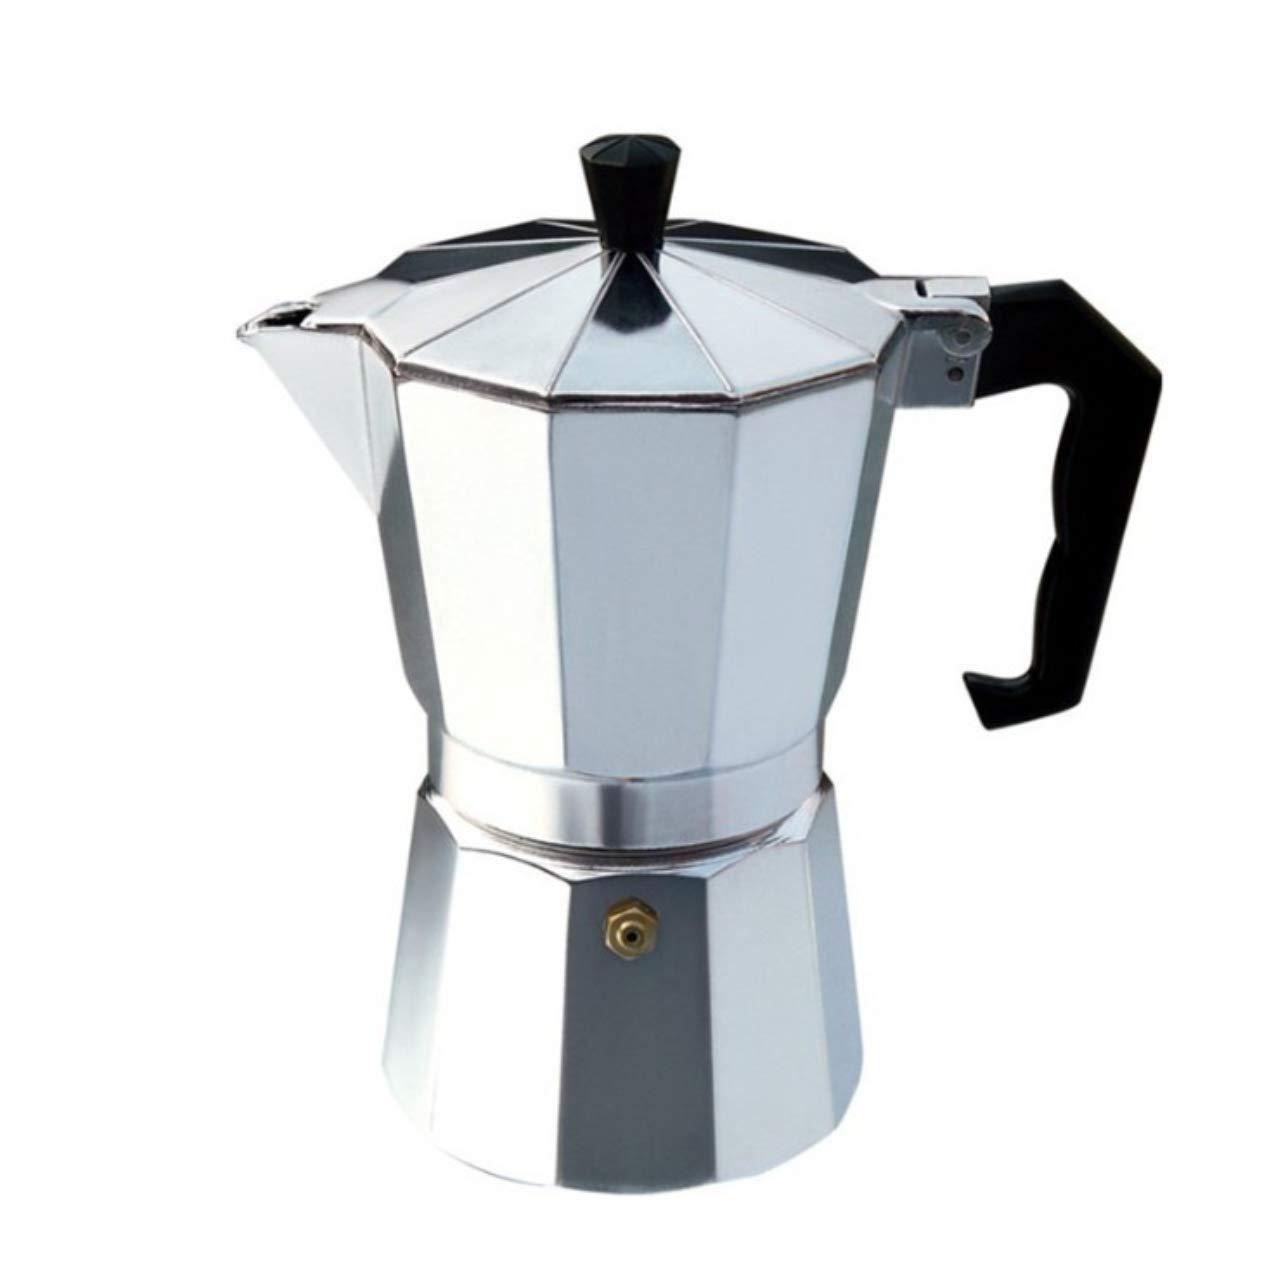 Acquisto Meccion – Caffettiera da 6 tazze, in alluminio, 300 ml 9 Cup (450ml) Silver Prezzi offerta